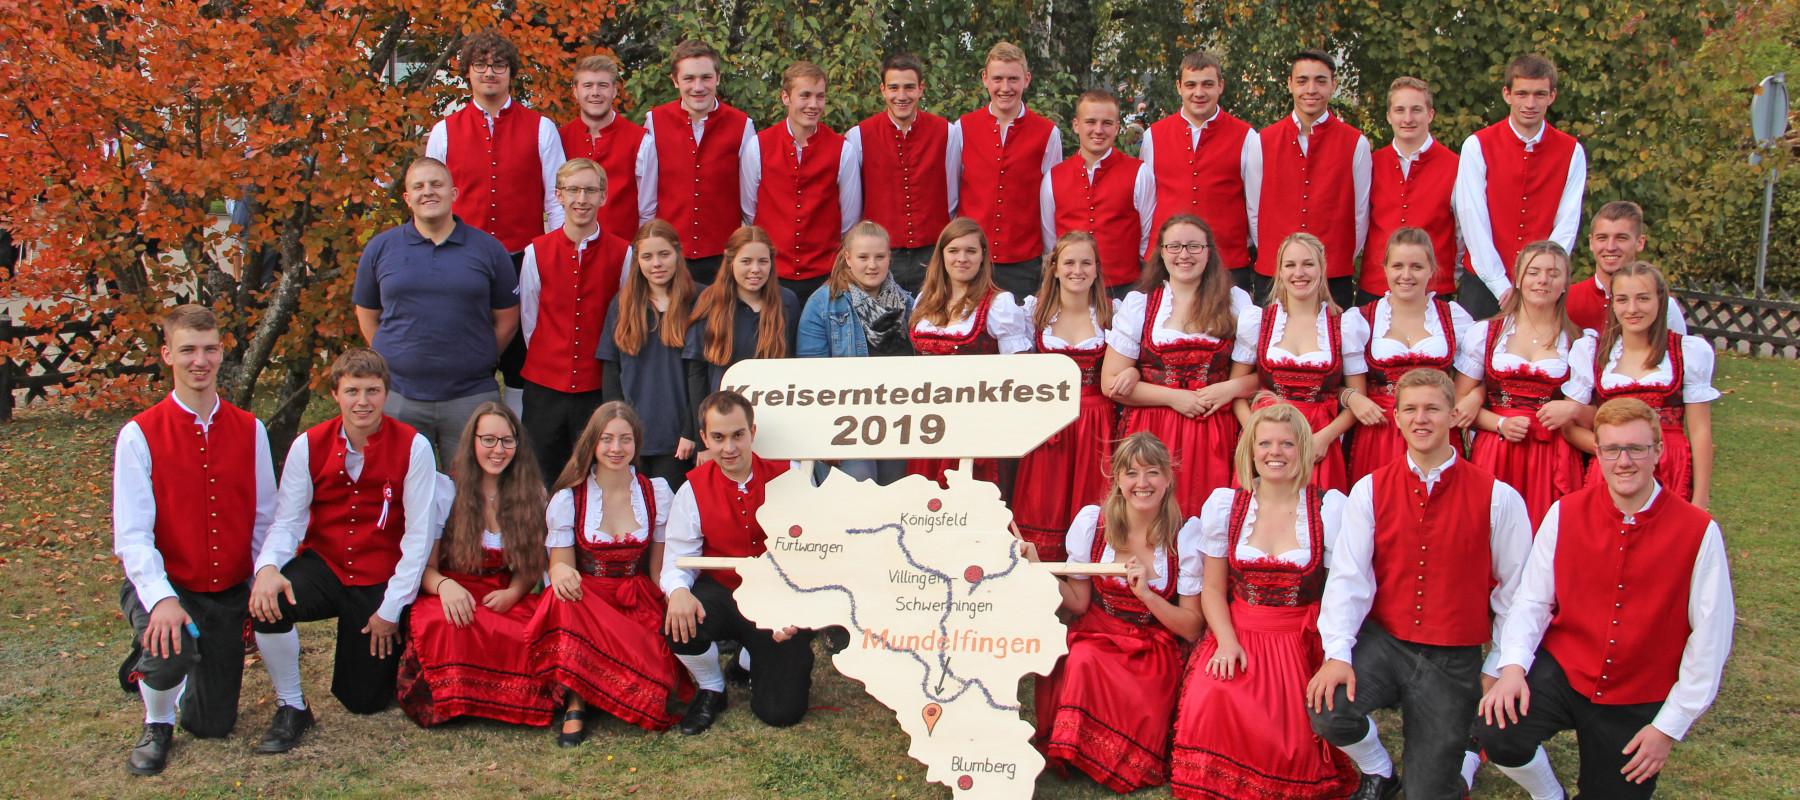 Kreiserntedankfest 2019 in Mundelfingen